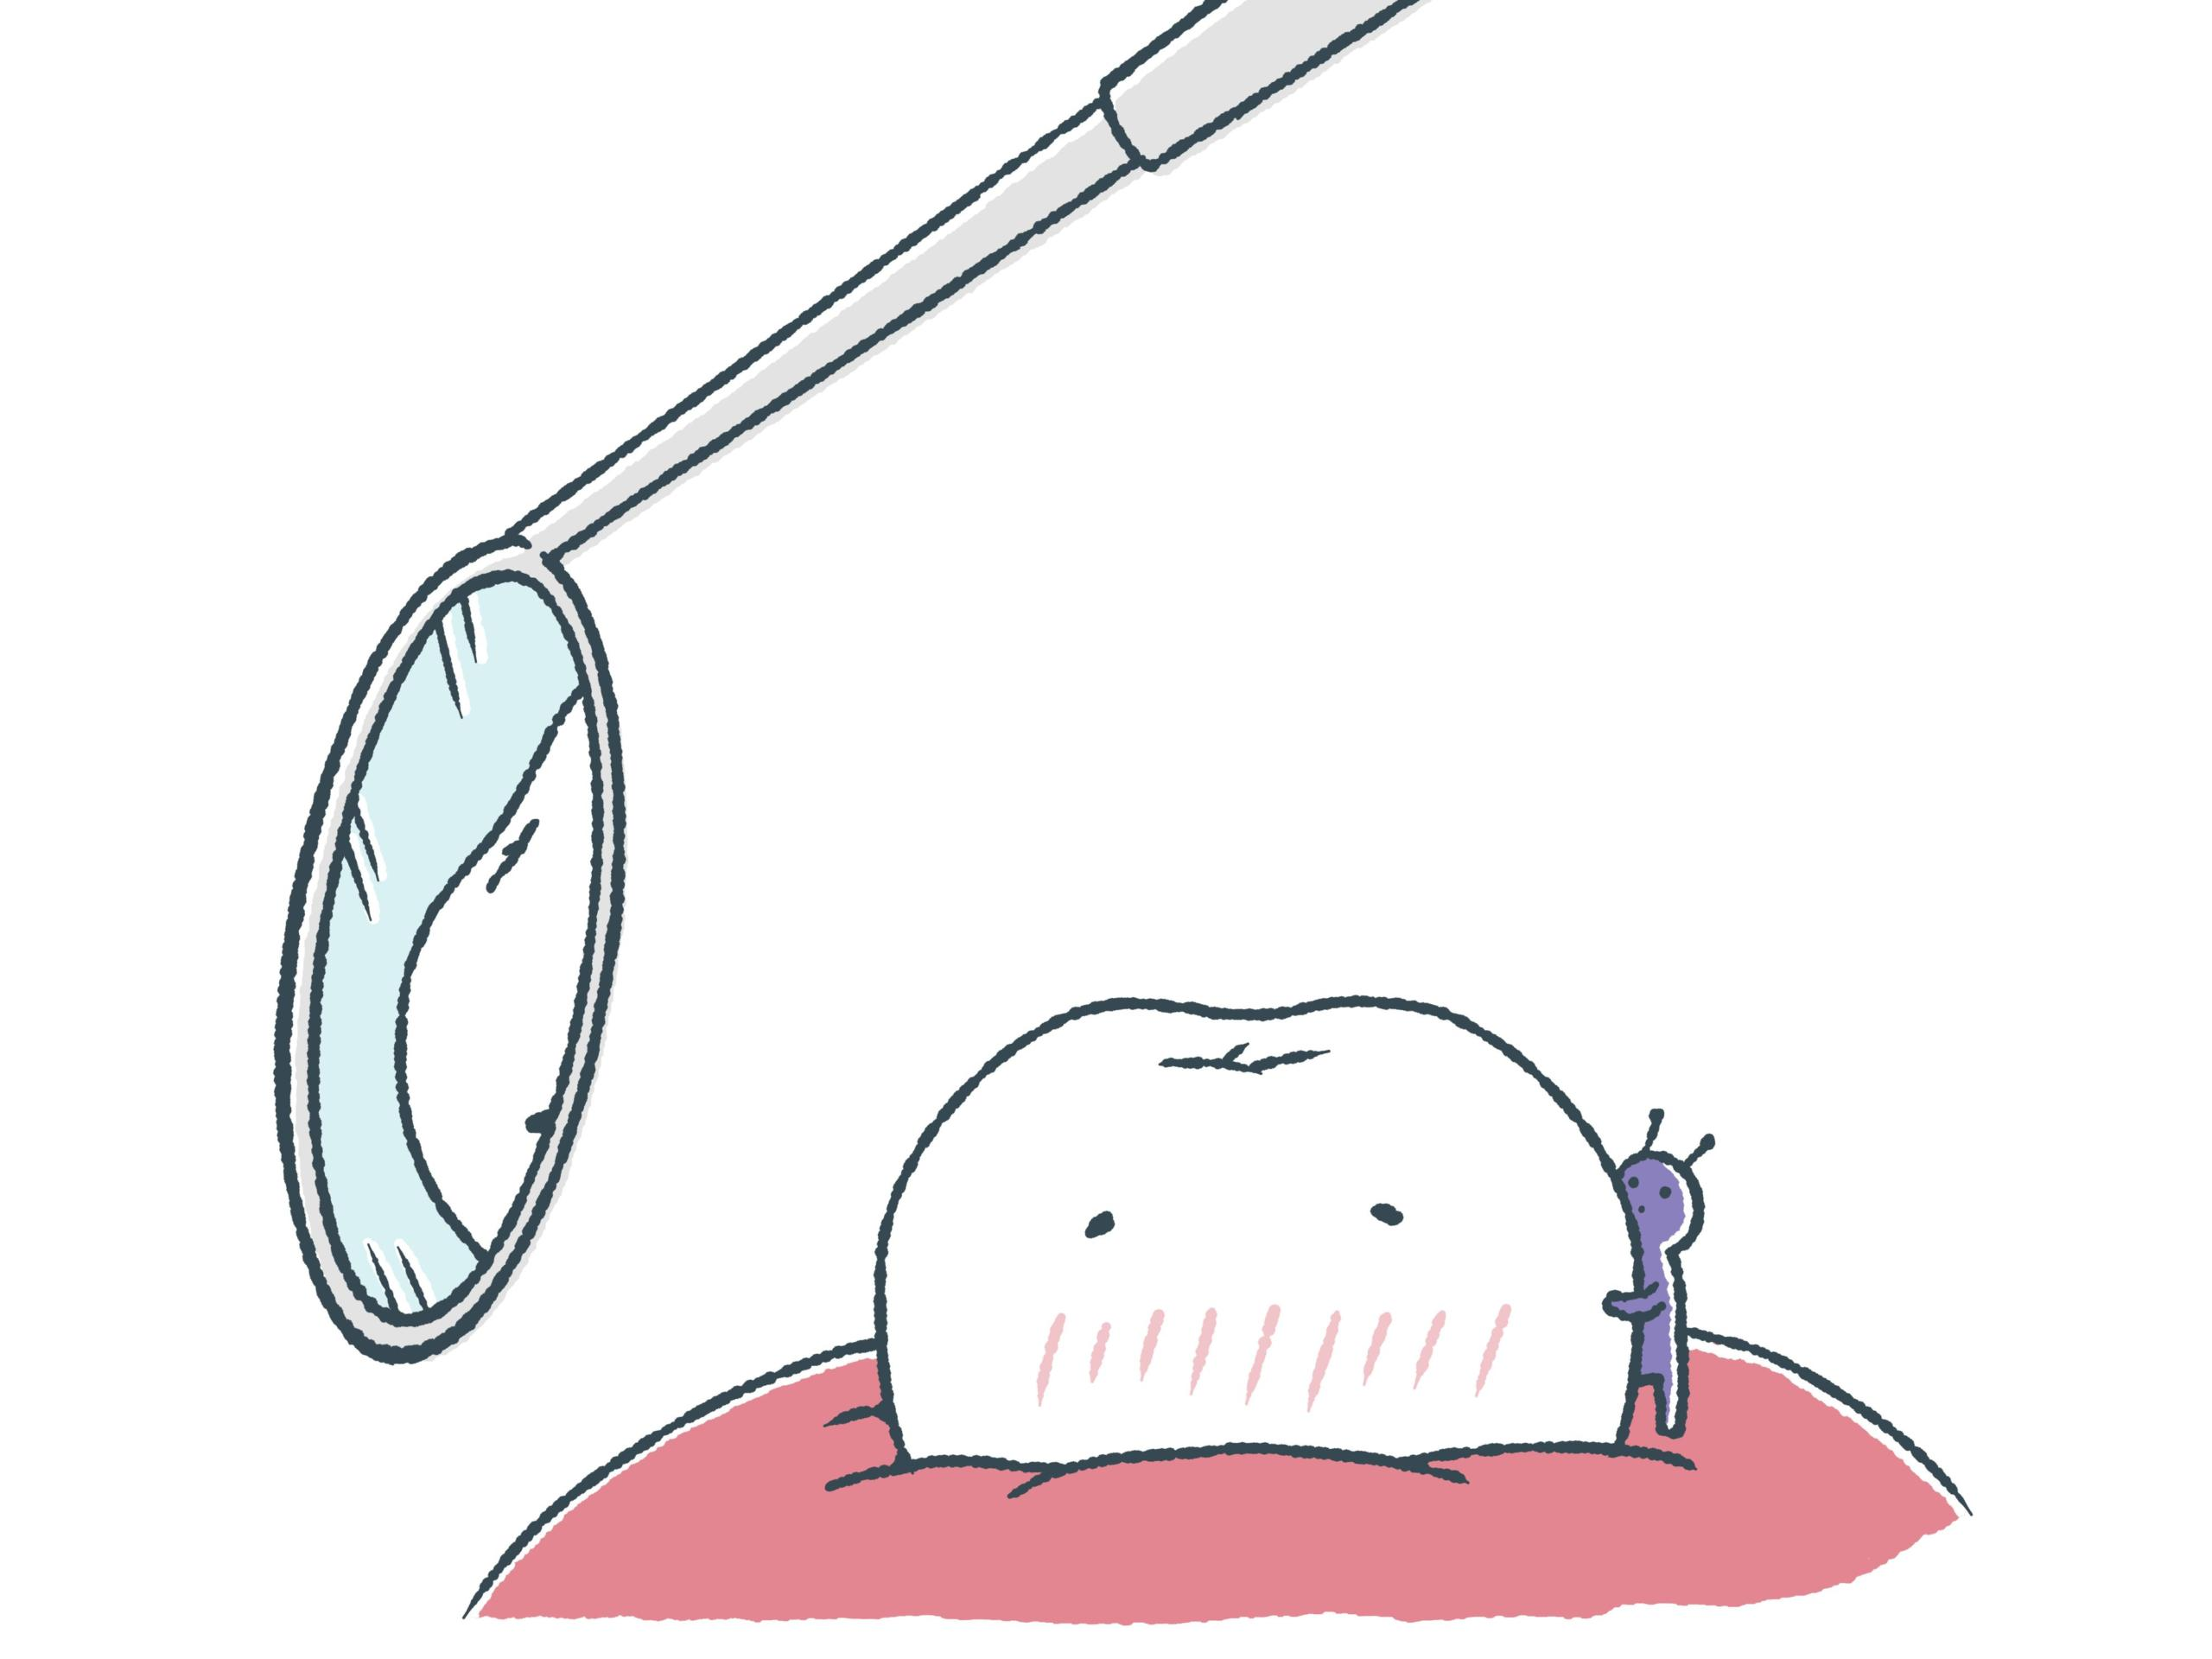 もしかして虫歯?痛みの対処法と虫歯の基礎知識